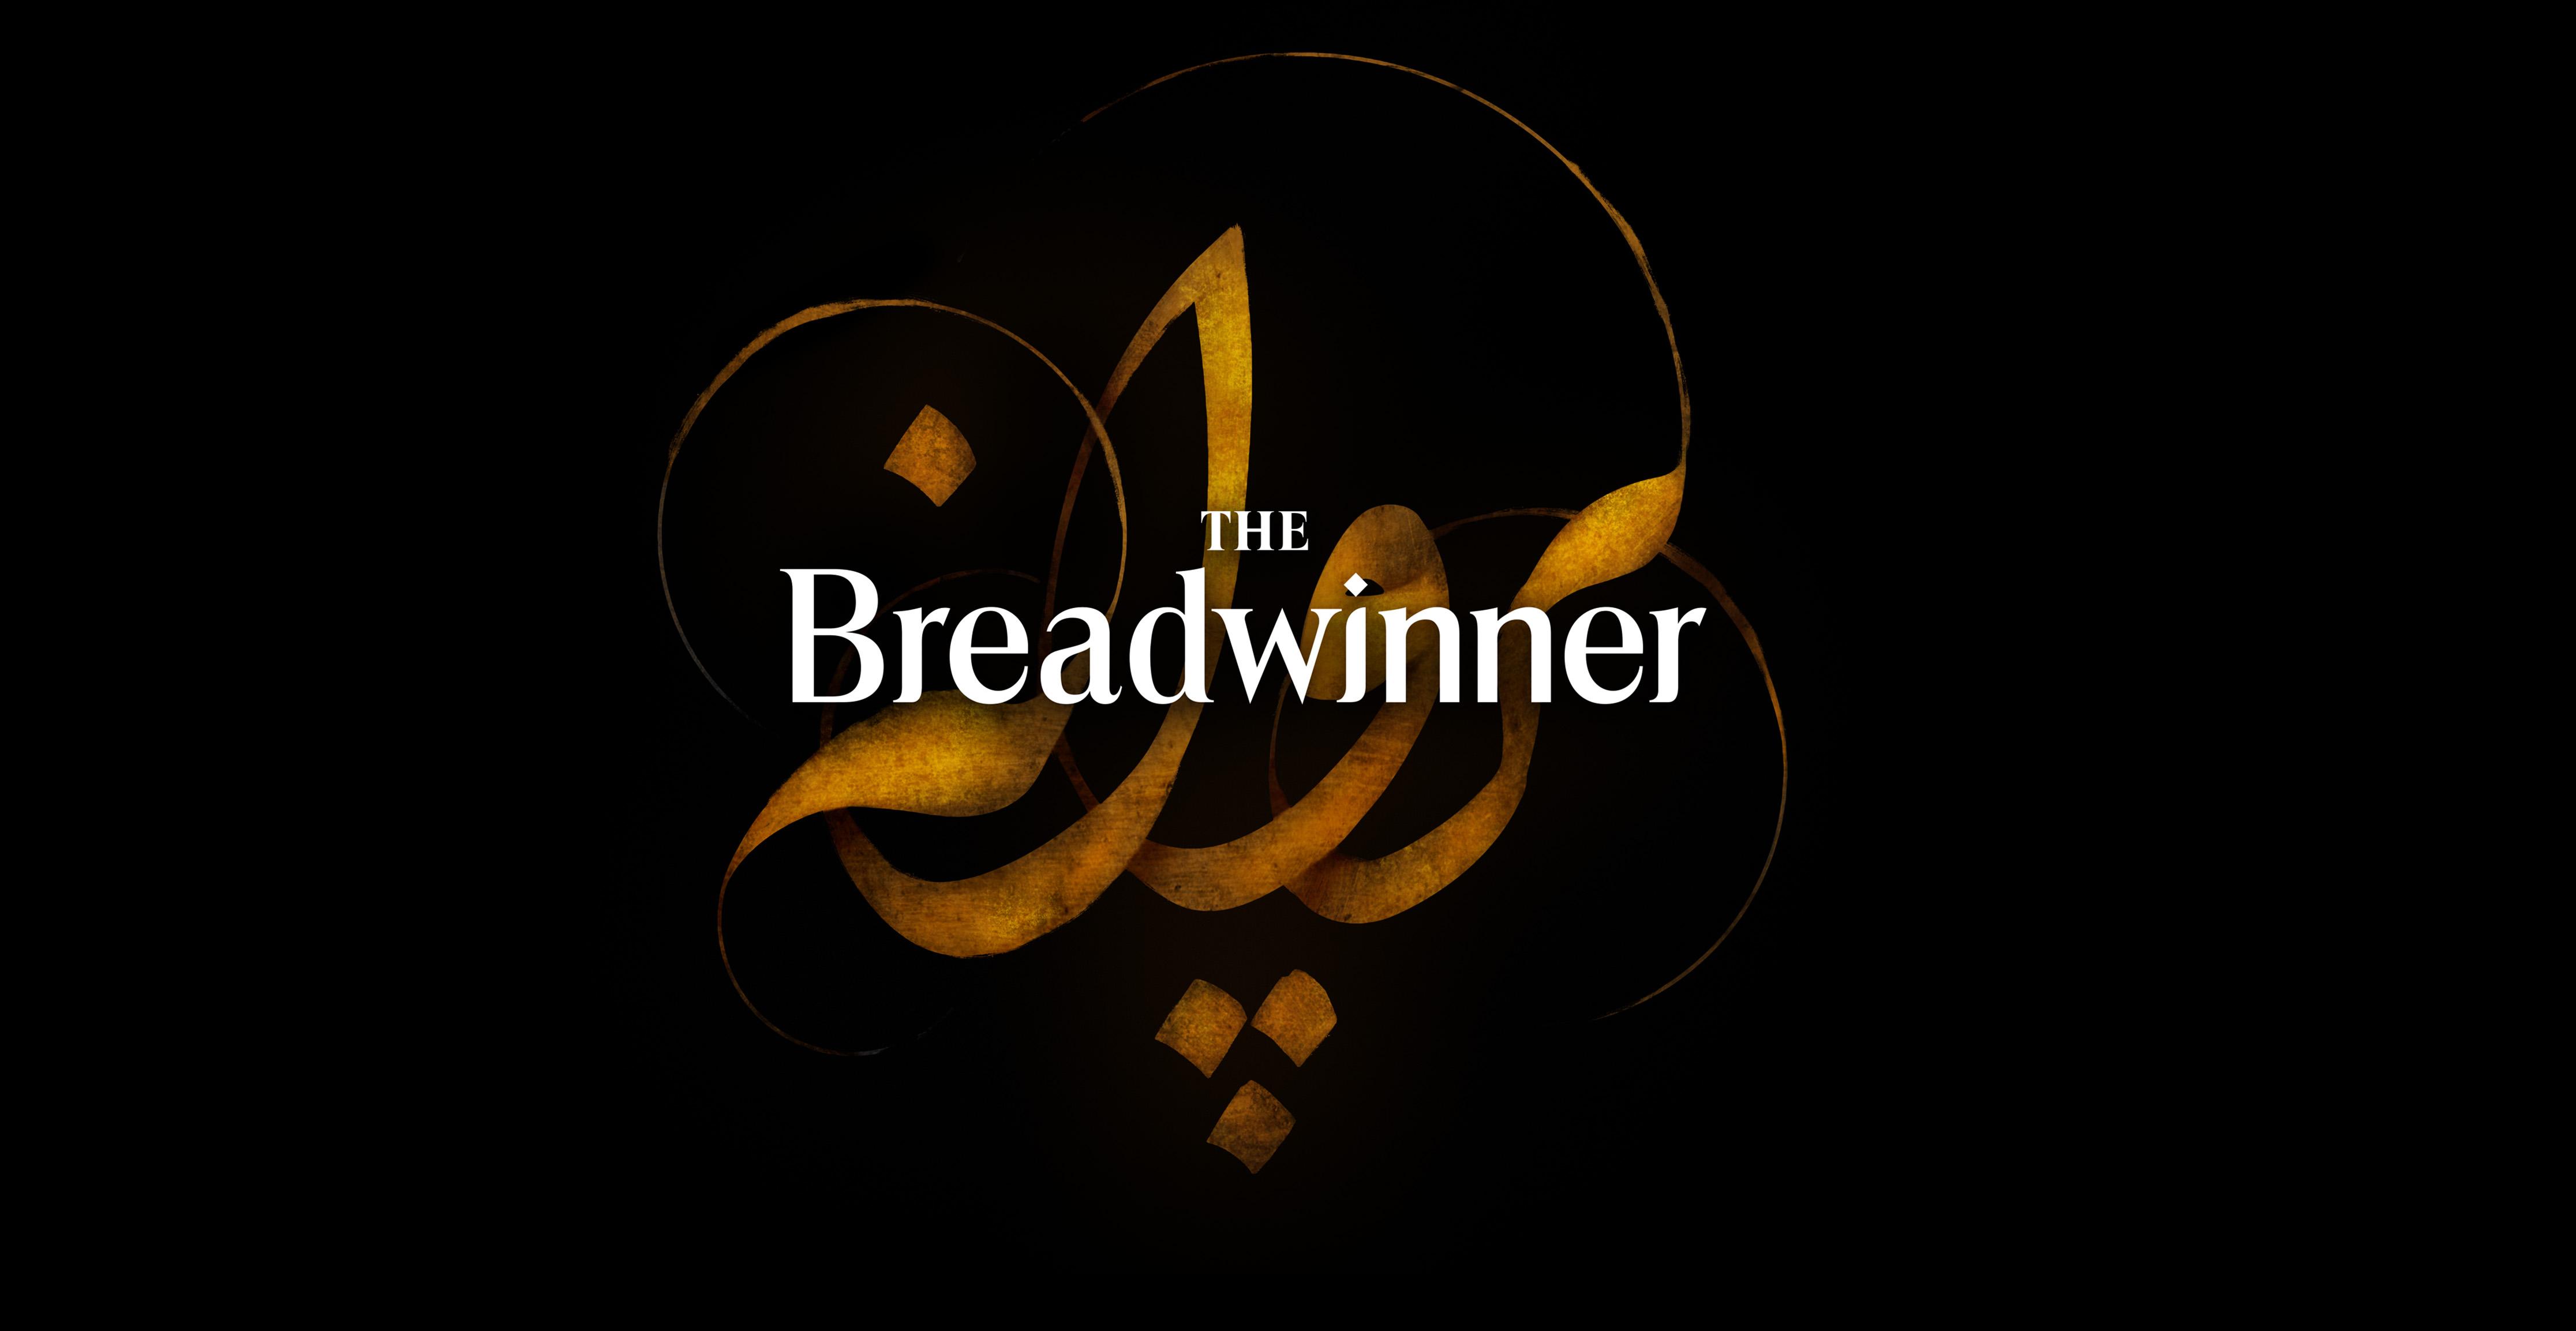 The Breadwinner premiere